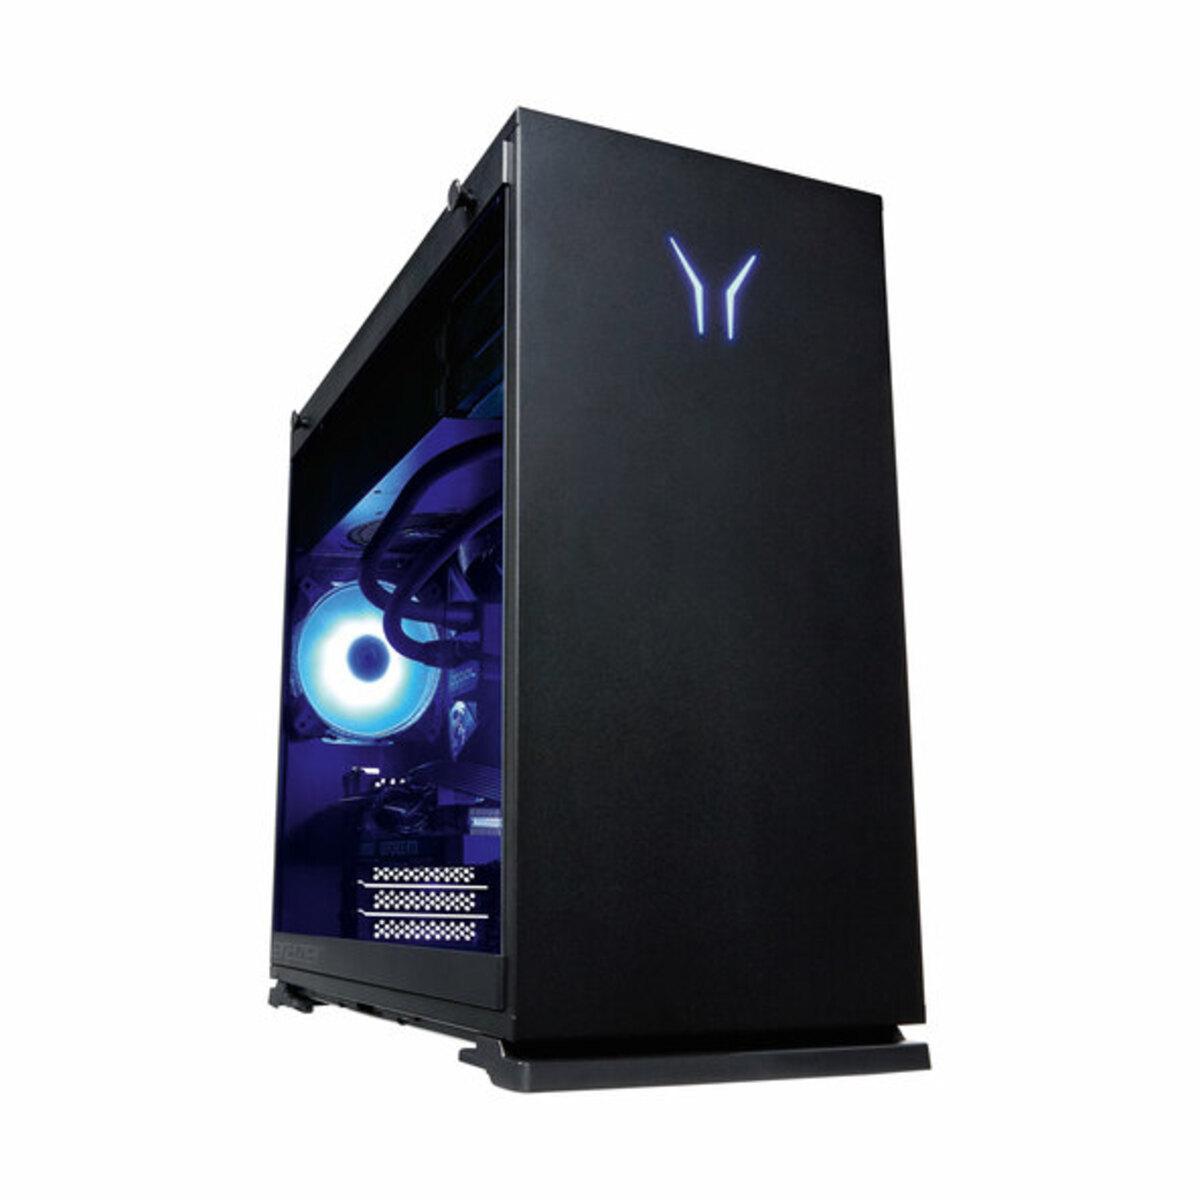 Bild 5 von High-End-Gaming-PC Hunter X20 (MD34595)